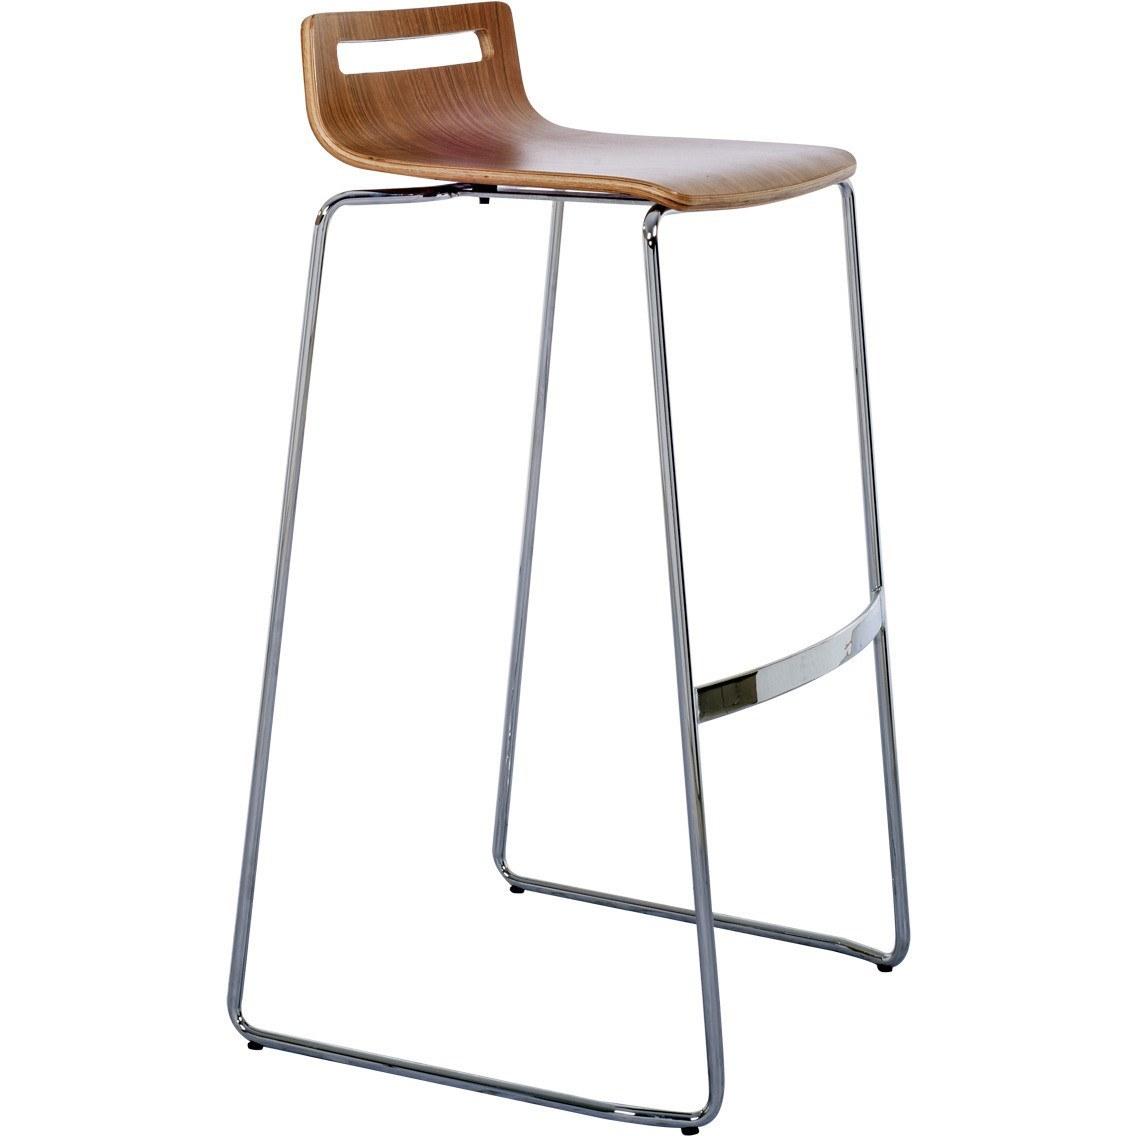 صندلی اپن نیلپر SB428 با روکش چوب